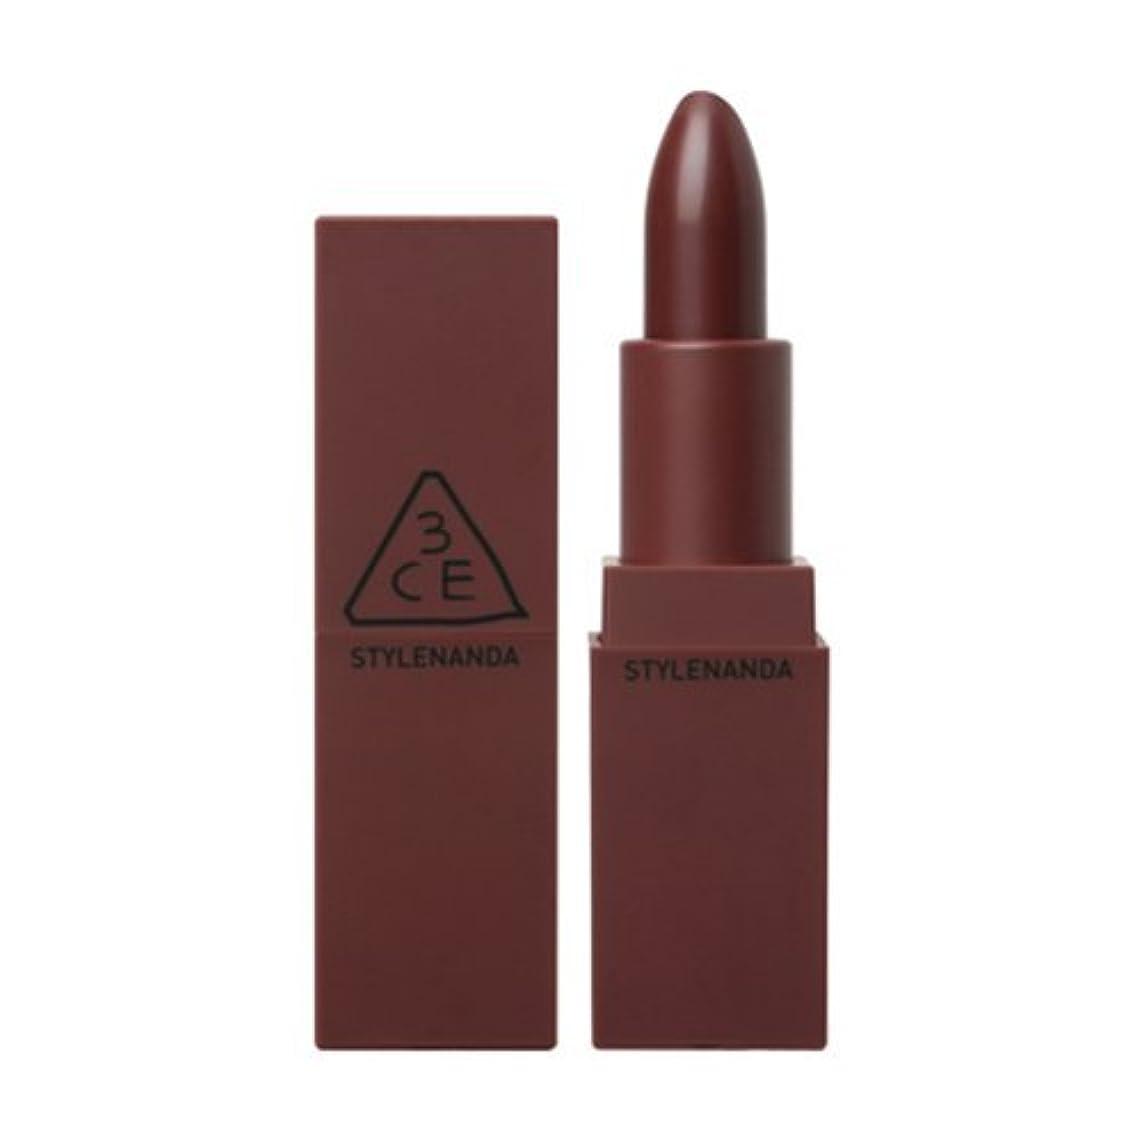 化学暖かく乱闘STYLE NANDA 3CE MOOD RECIPE マットリップ リップスティック カラー#117 Chicful 3.5g / STYLE NANDA 3CE MOOD RECIPE MATTE LIP Lipstick...